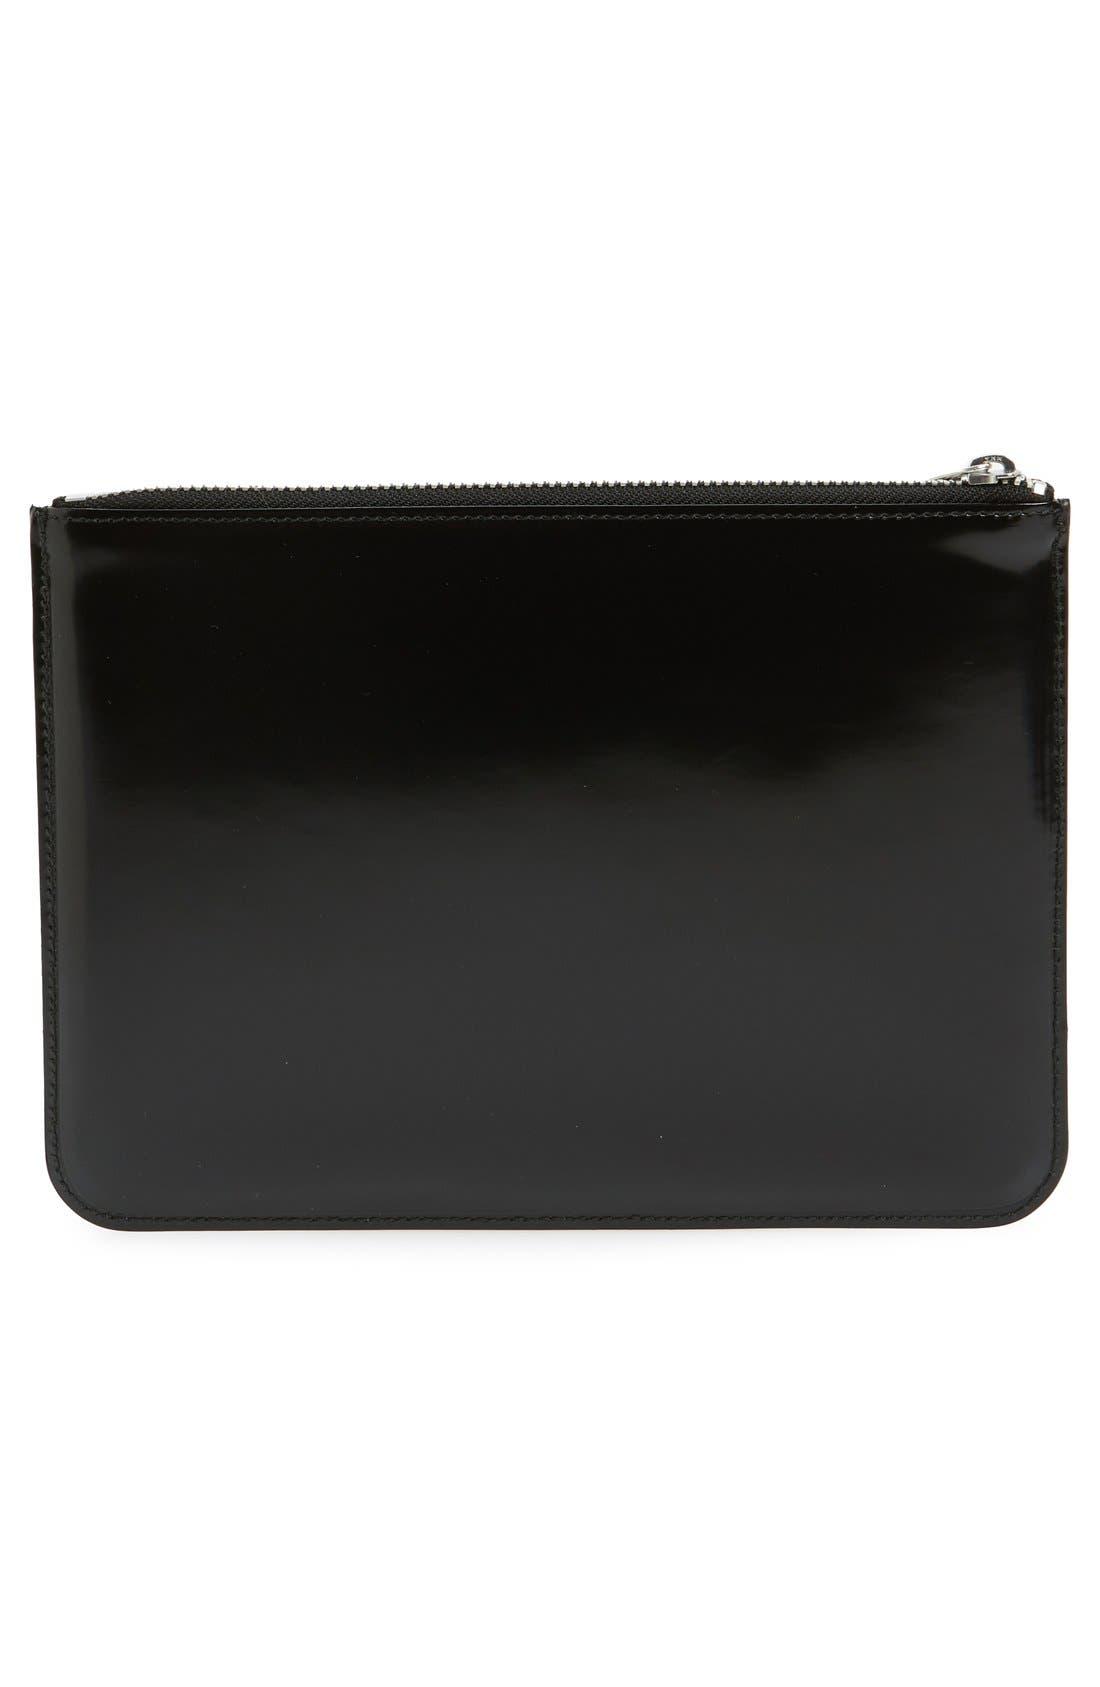 Alternate Image 3  - Comme des Garçons Large Top Zip Leather Pouch